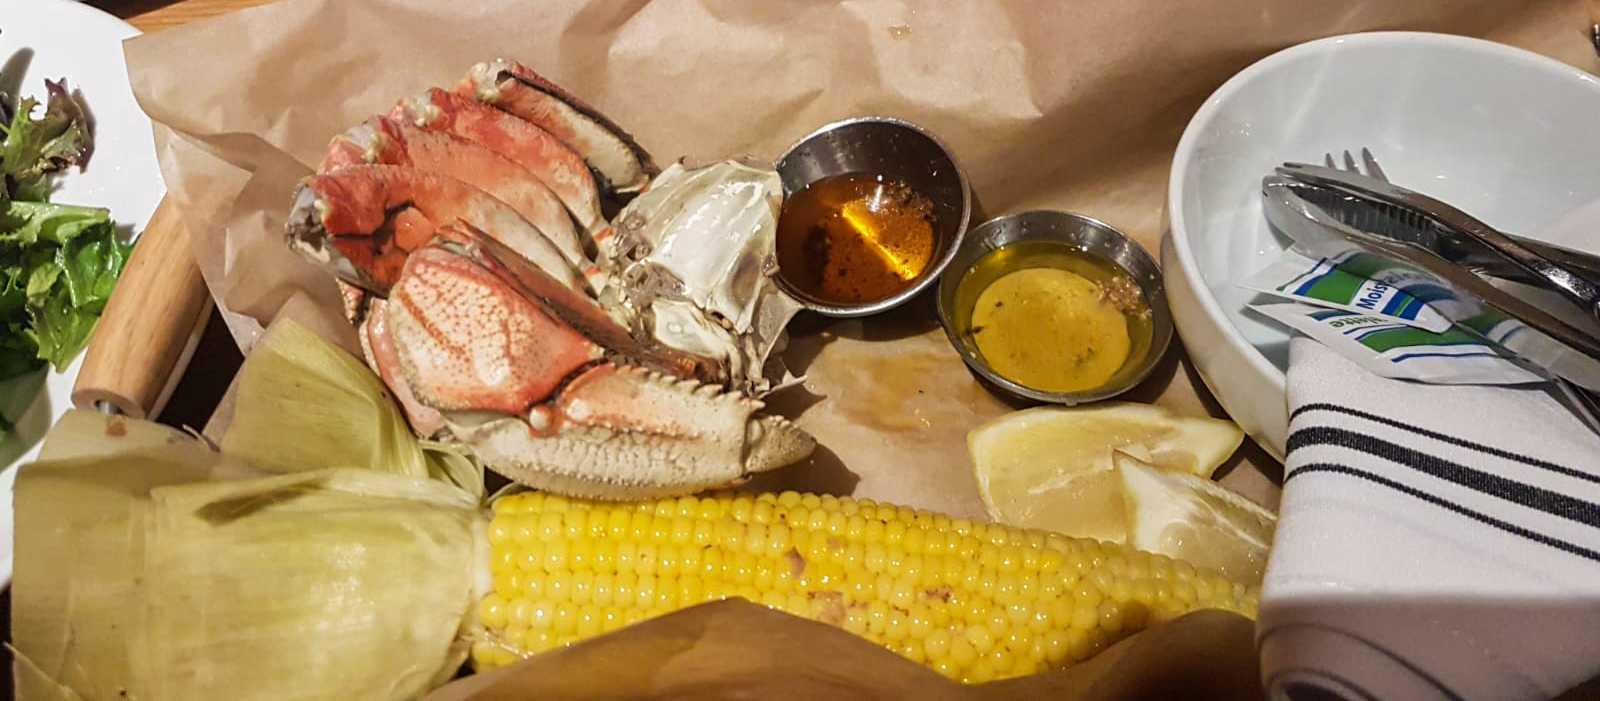 Krabbe mit geschmolzener Butter und Maiskolben im Clearwater Restaurant, Oregon